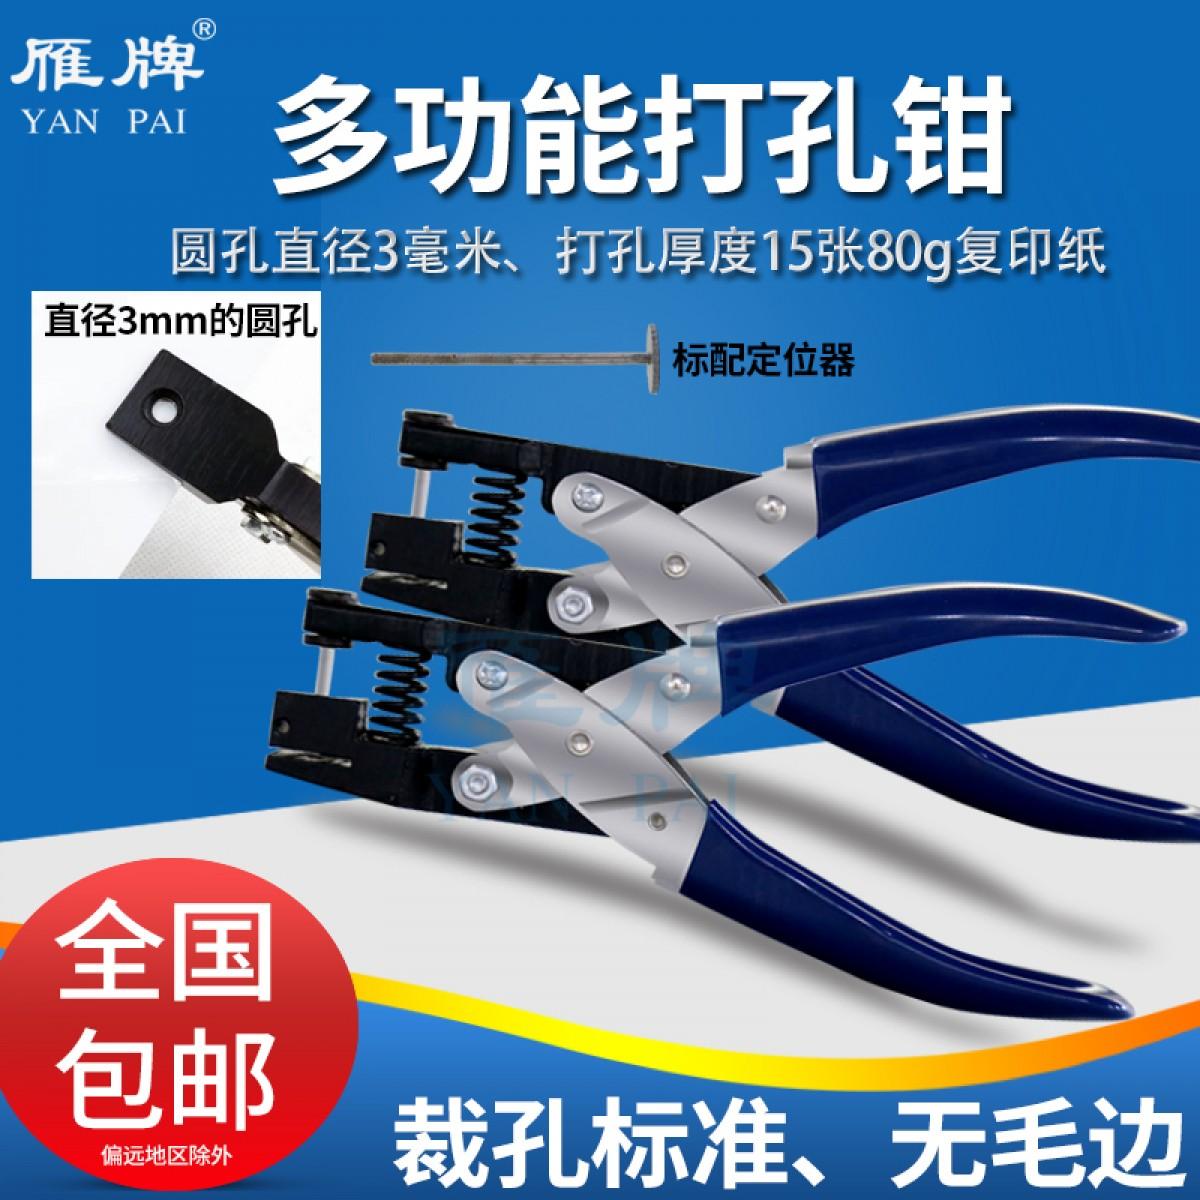 包邮 雁牌3mm圆孔打孔机3毫米圆孔单孔圆孔打孔钳PVC证件卡打孔器